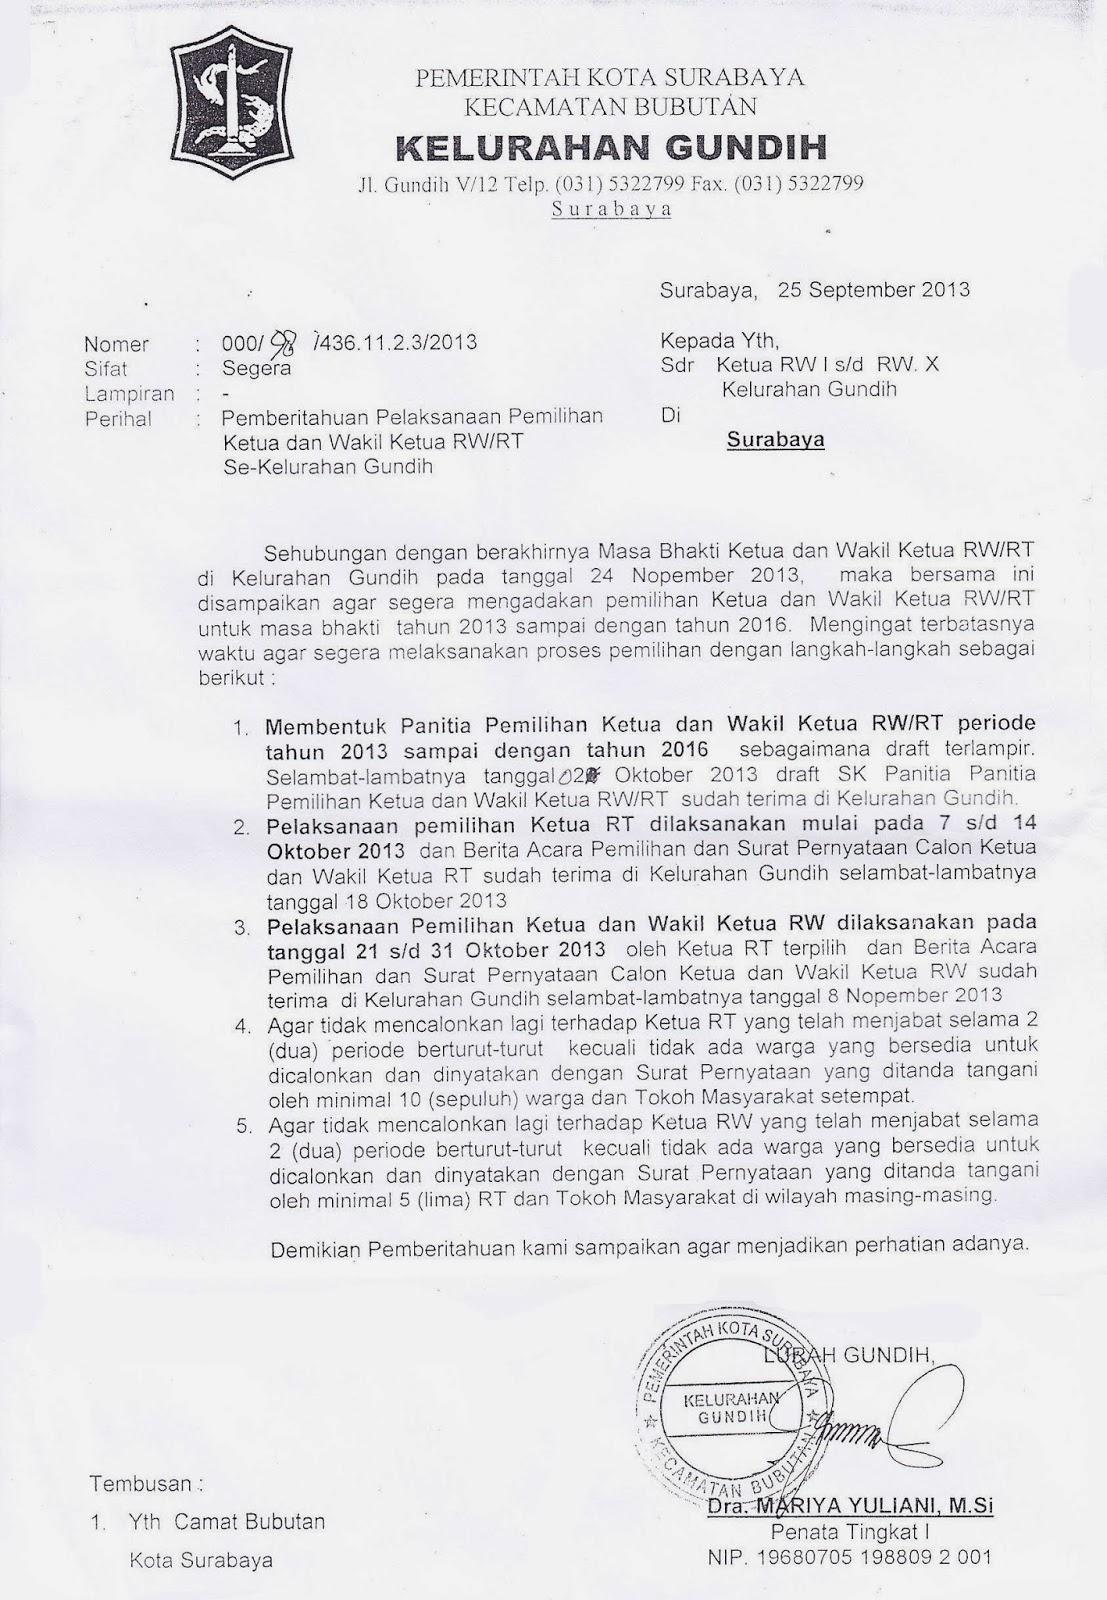 Kim Gundih Sejahtera Pemilihan Ketua Wakil Ketua Rw Rt